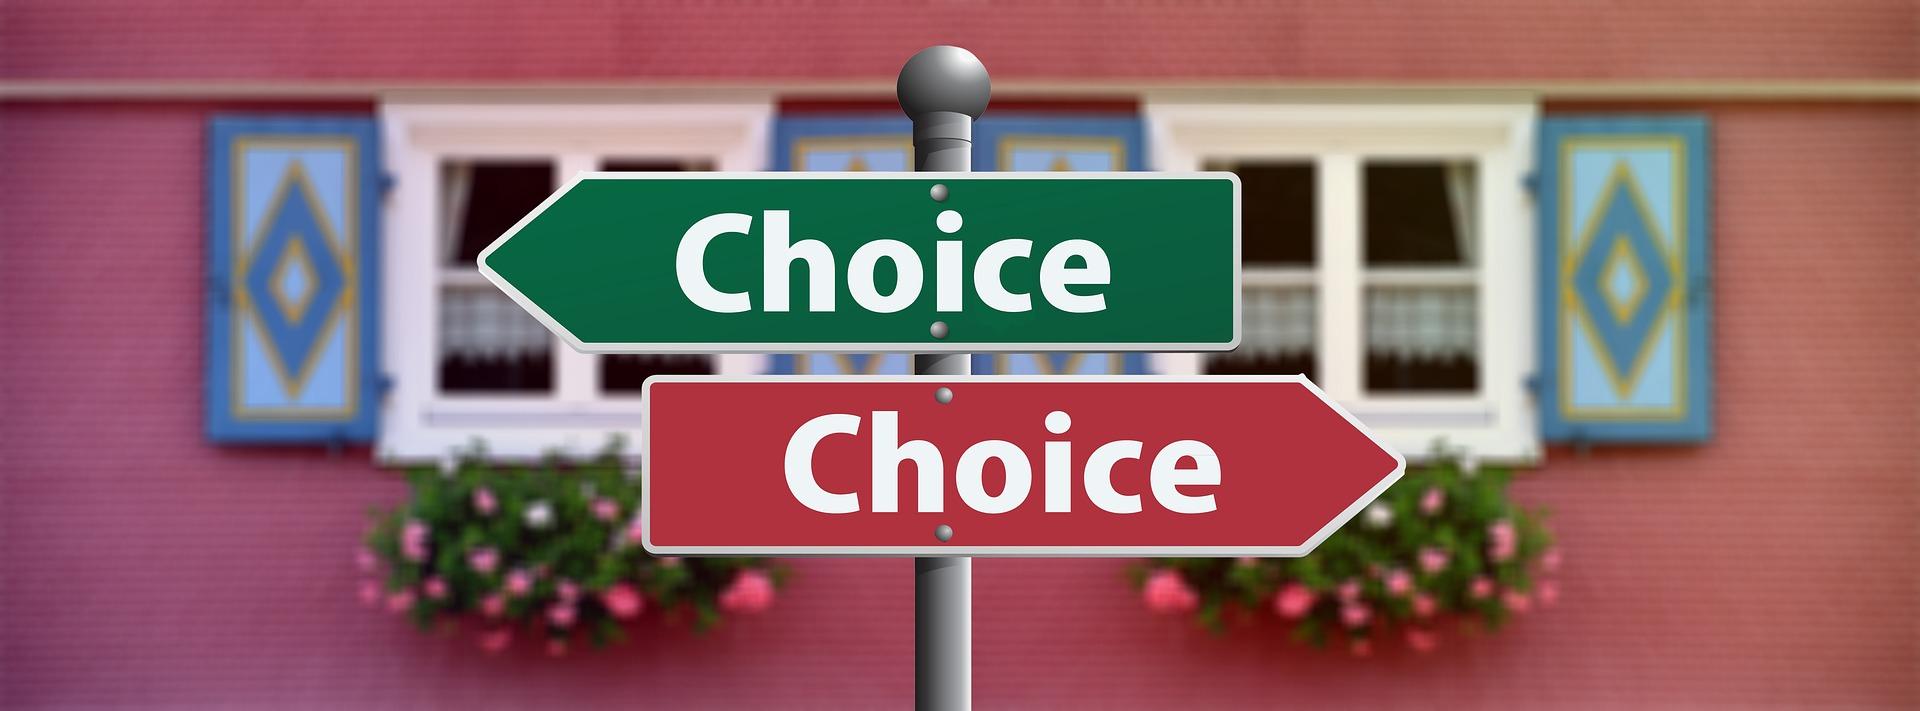 施工管理の転職先の選び方【目的によって転職先は変わります】